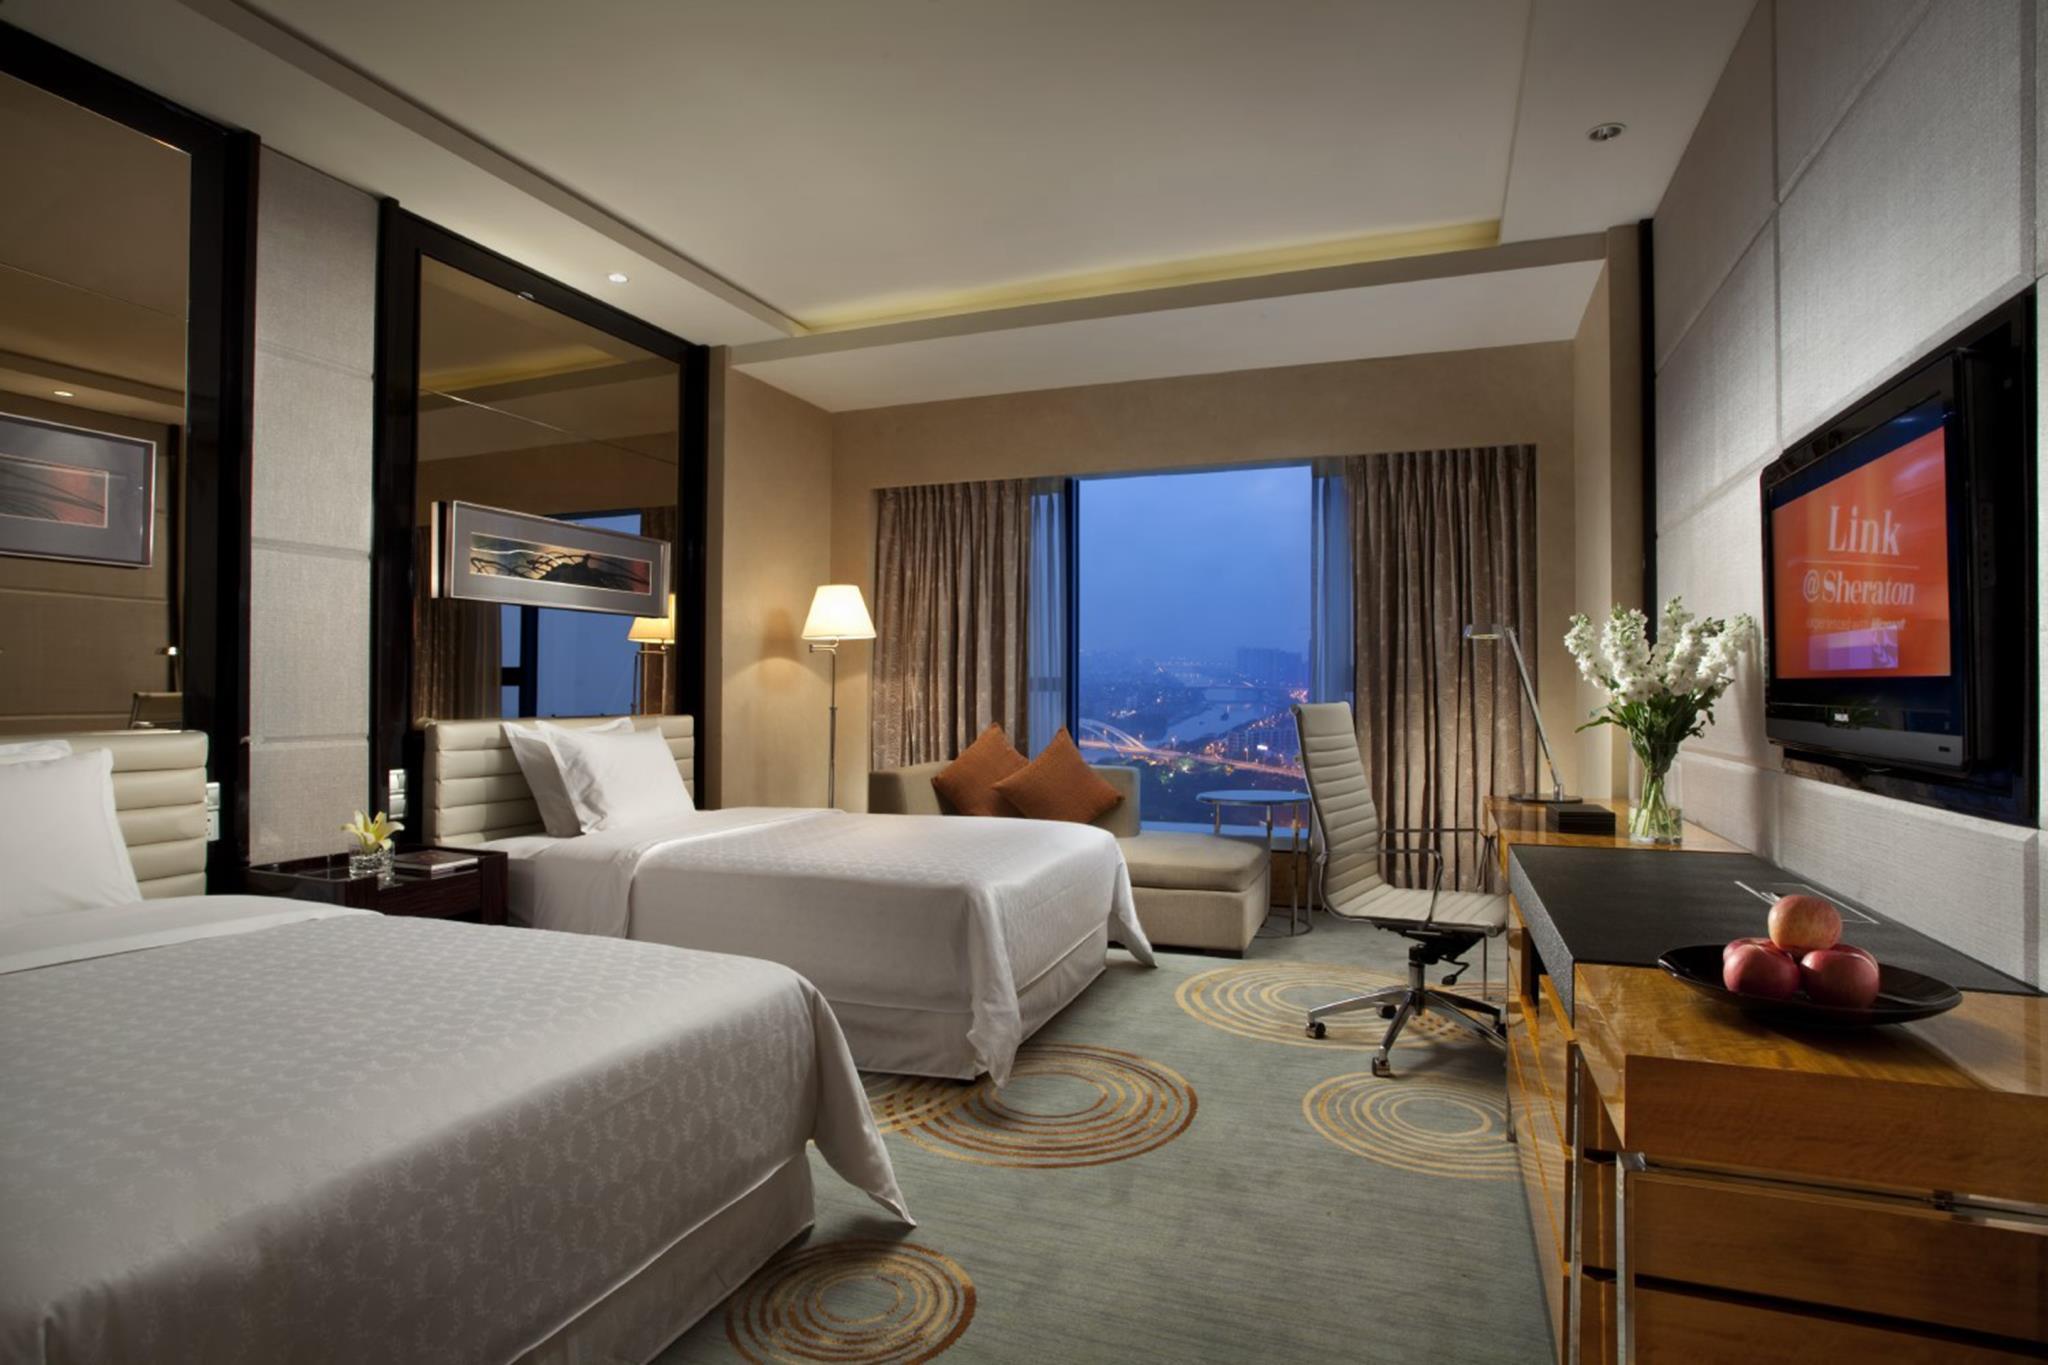 sheraton zhongshan hotel